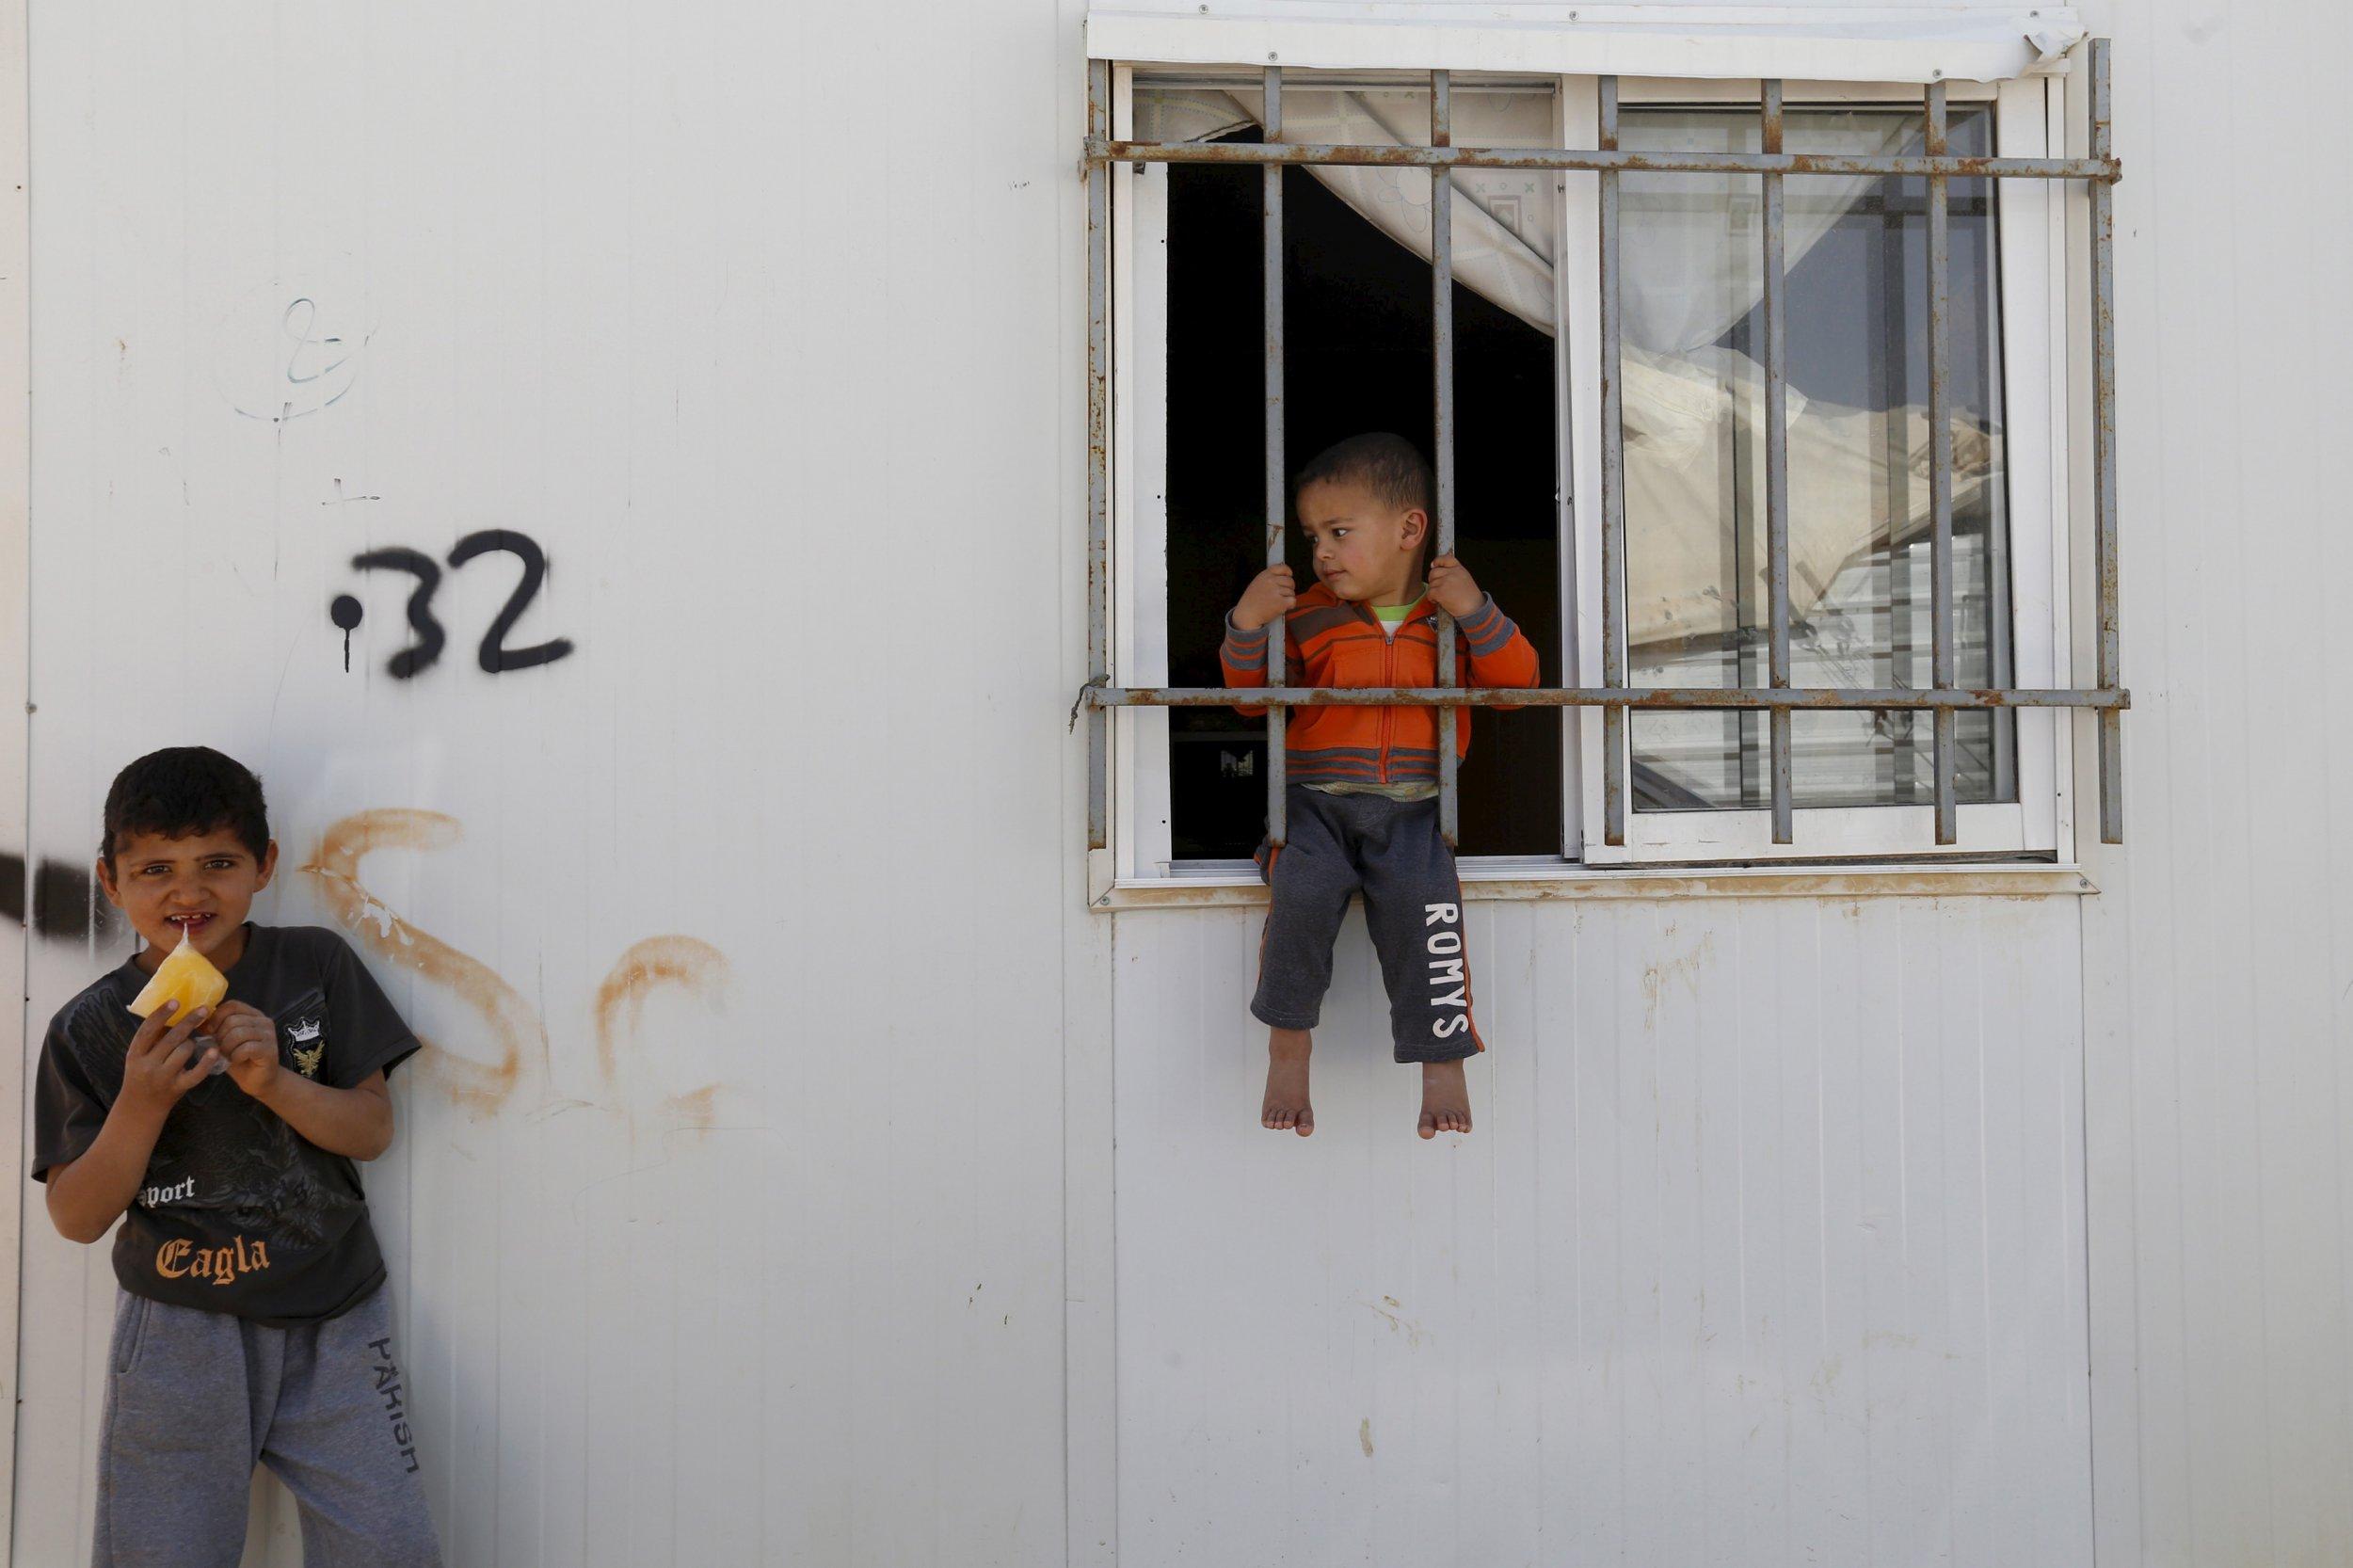 Syrian children in Al Zaatari refugee camp.